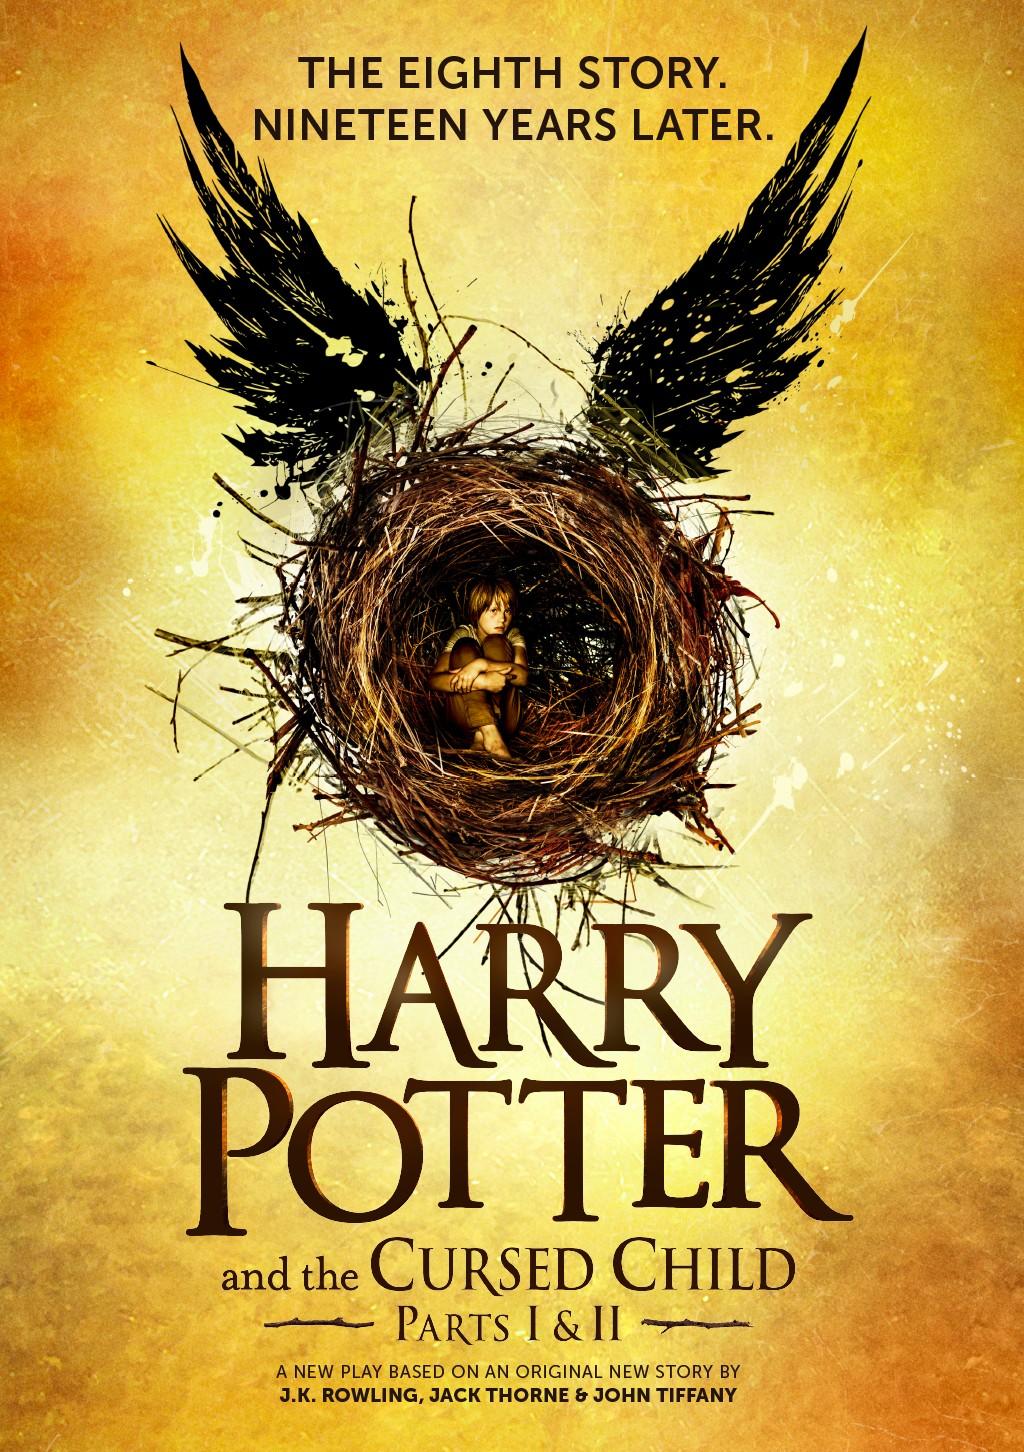 """ТОП-15 фактів про нову книгу """"Гаррі Поттер і прокляте дитя"""" - фото 5"""